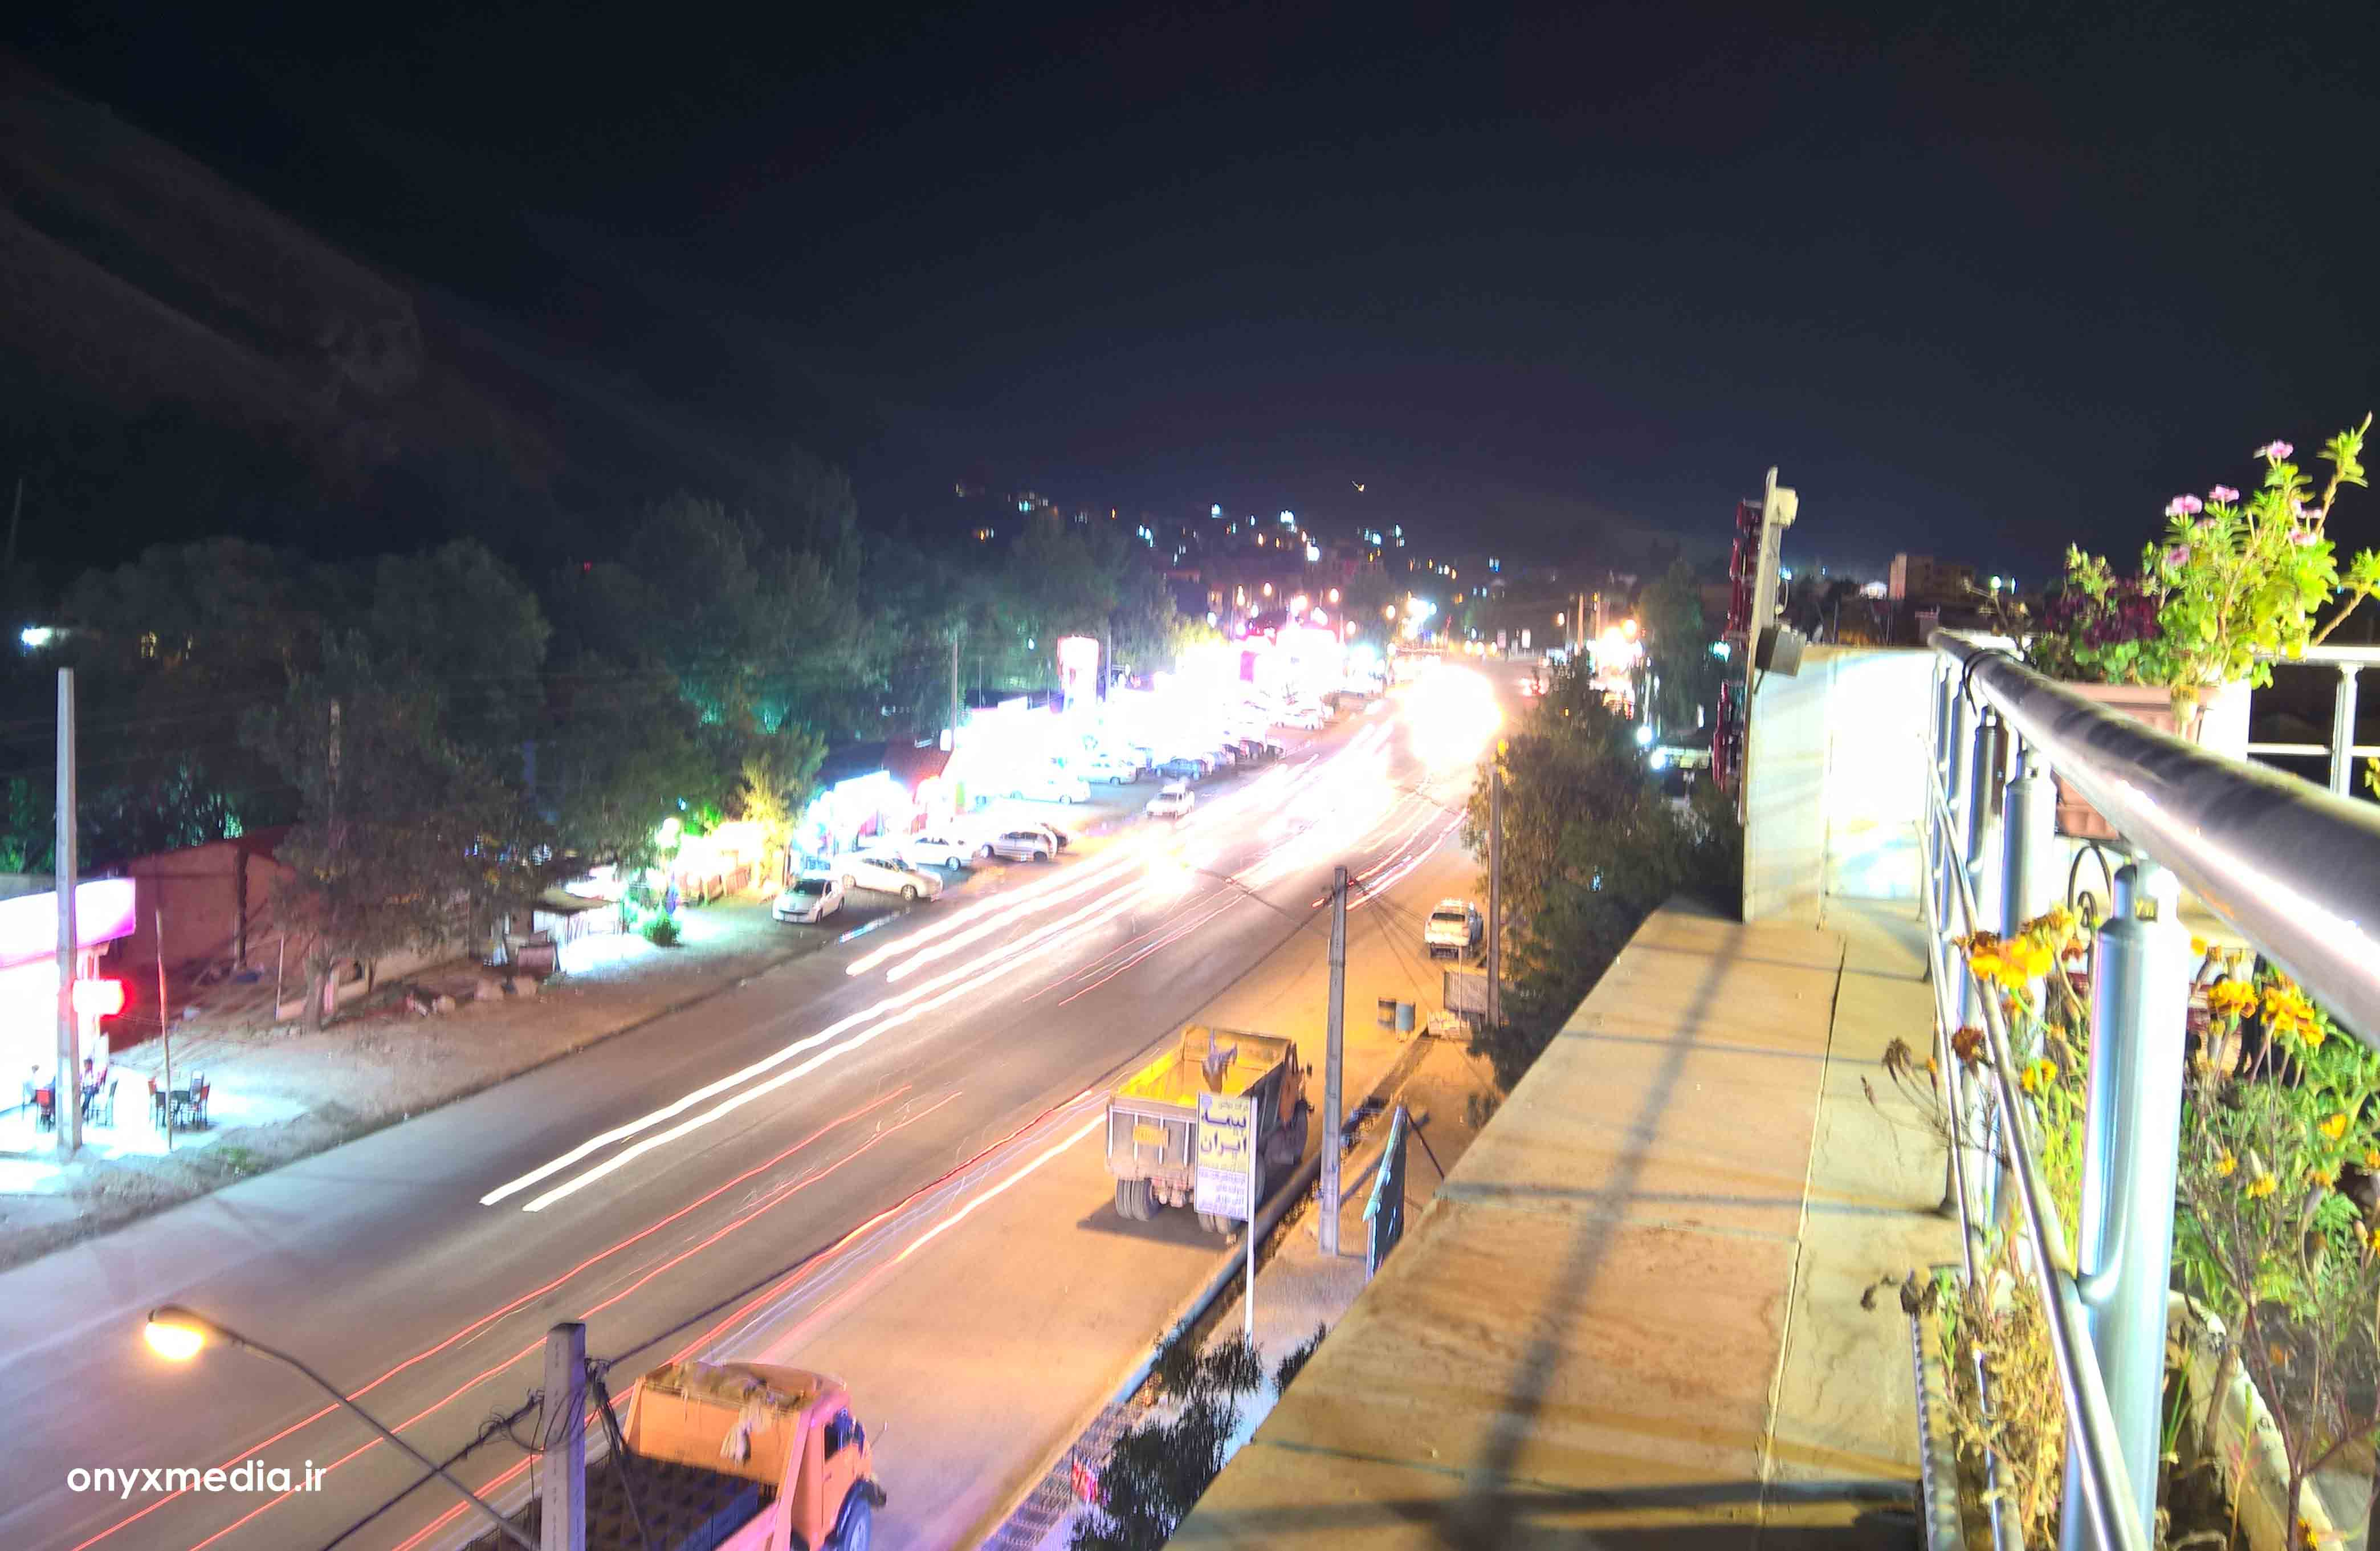 عکس زیبا از شب های تفرجگاه بند ارومیه